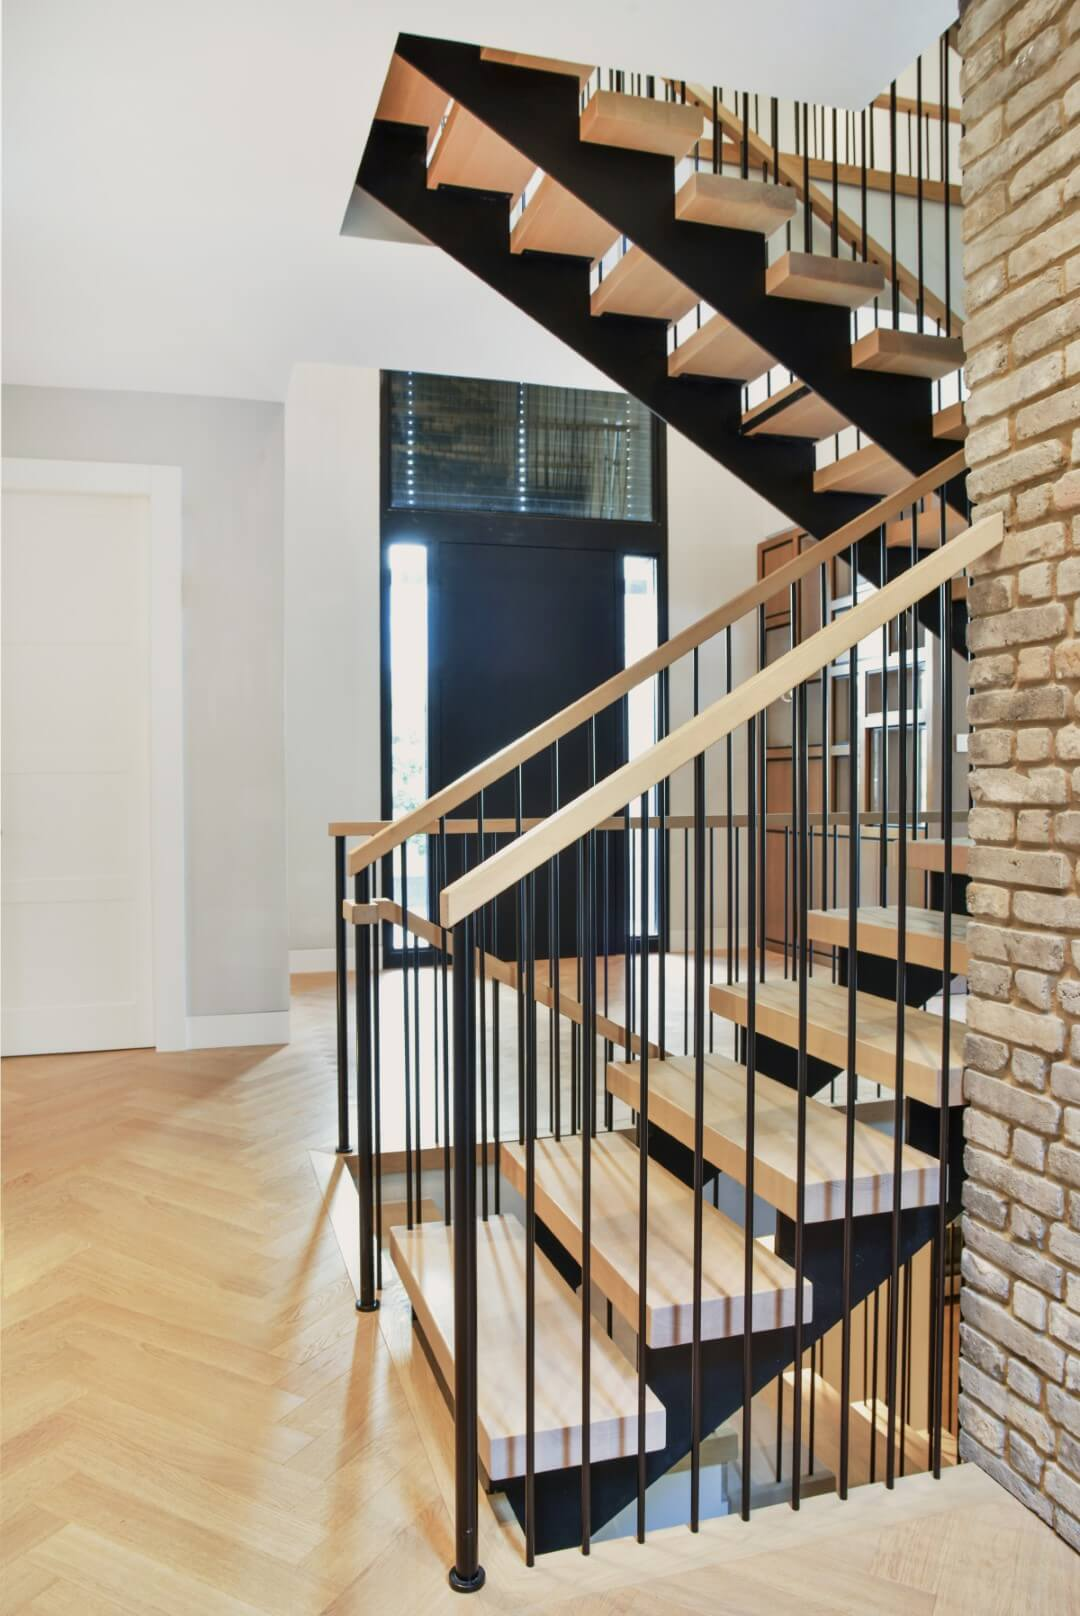 2 גרמי מדרגות ברזל עם מעקה ברזל, מאחז יד מעץ ומדרכי עץ אלון אמריקאי שמתכתבים עם הפרקט